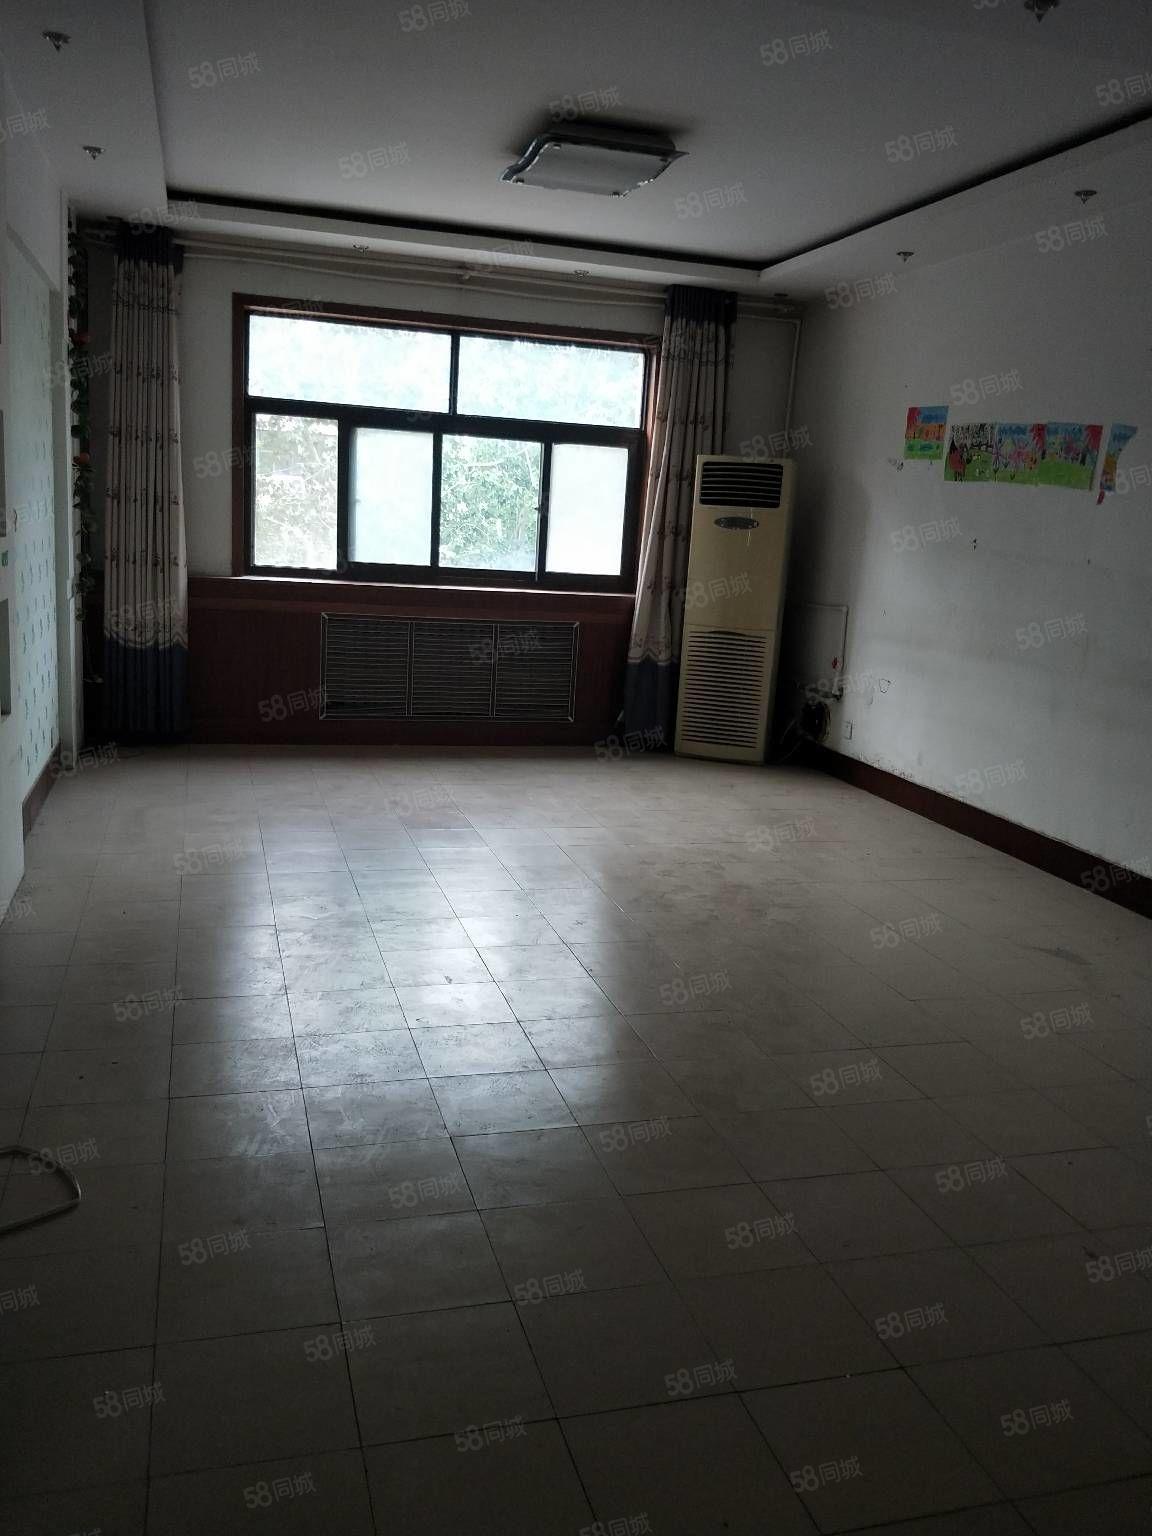 利津财政局家属楼3楼出售,使用面积大紧邻一幼二校,有证可贷款